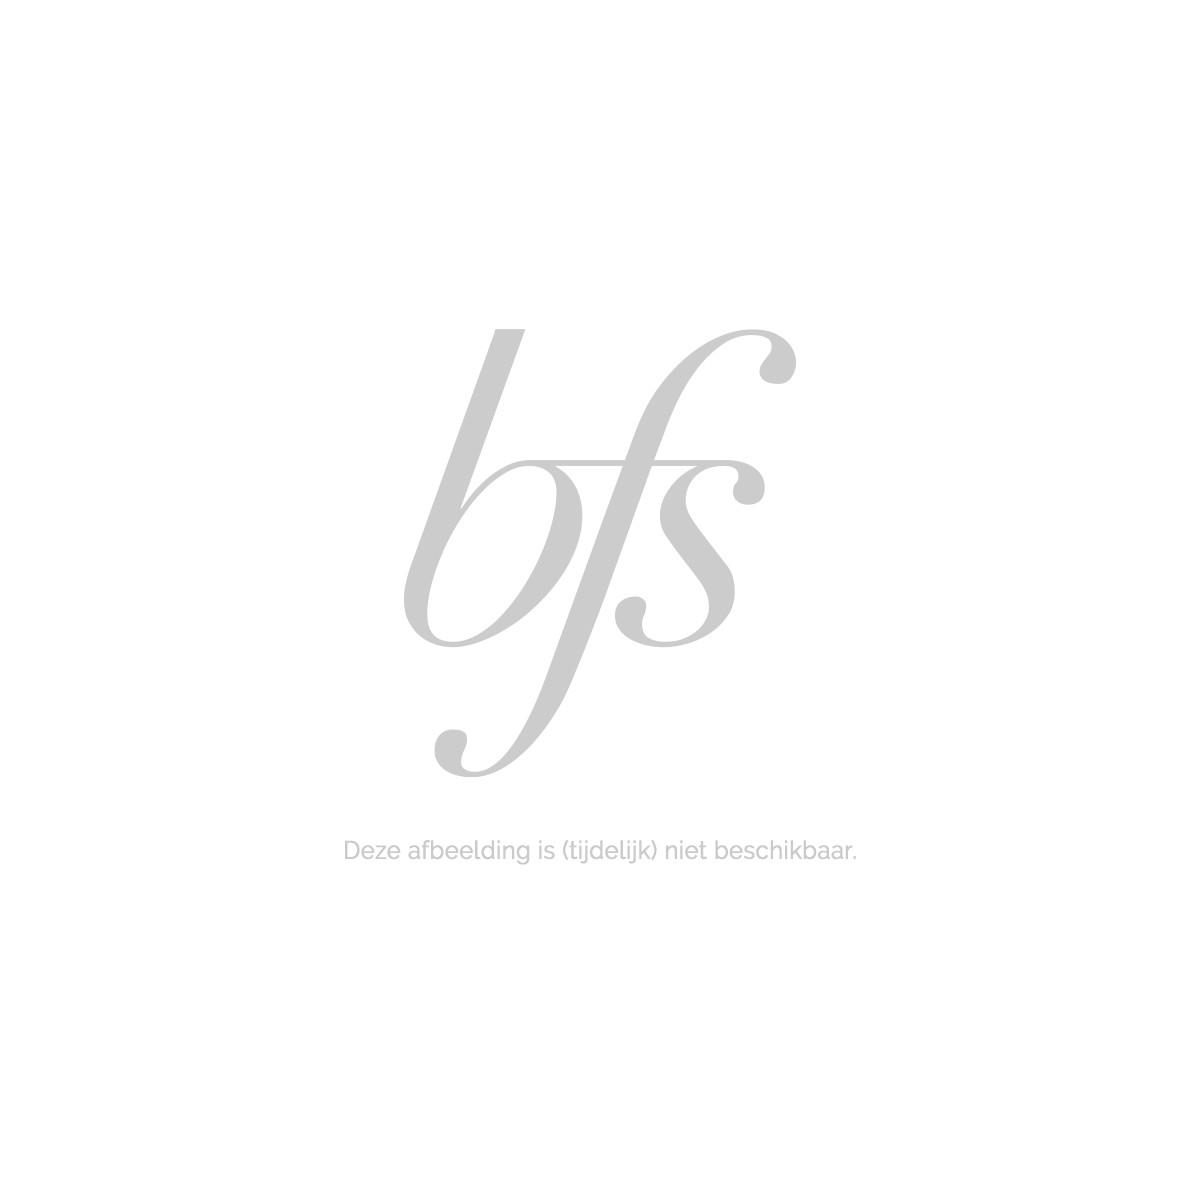 Grande Cosmetics Grandehair Peptide Conditioner 236 Ml